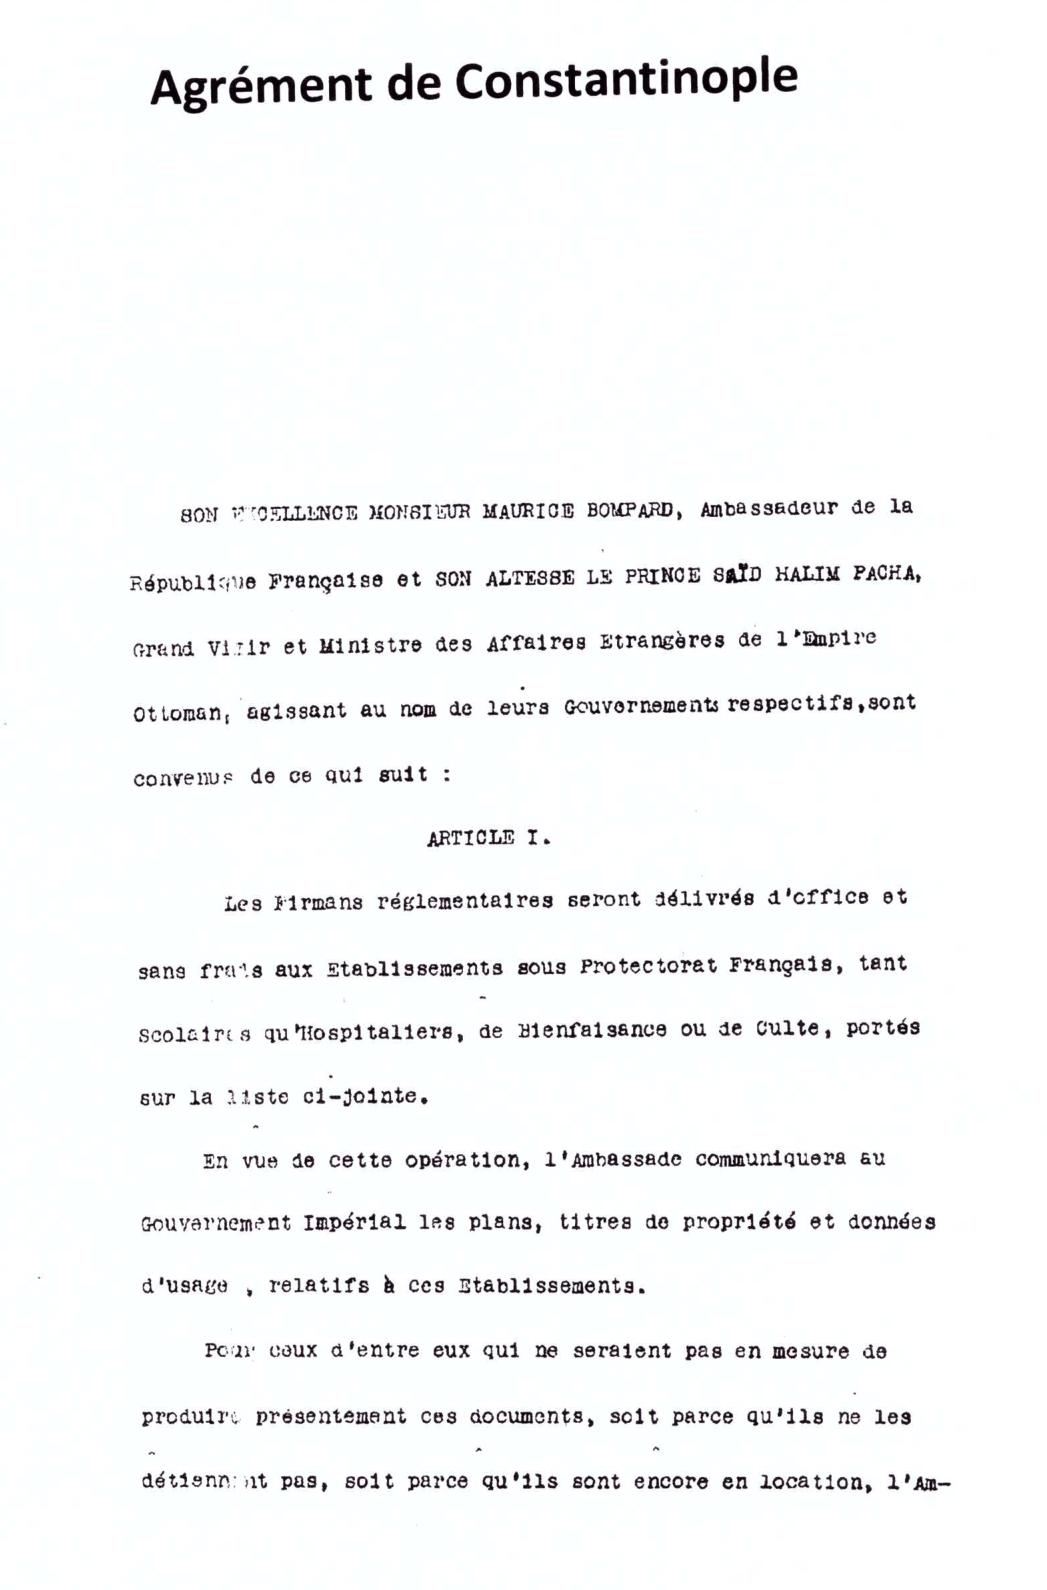 AGREMENT - ACCORD DE CONSTANTINOPLE 1913